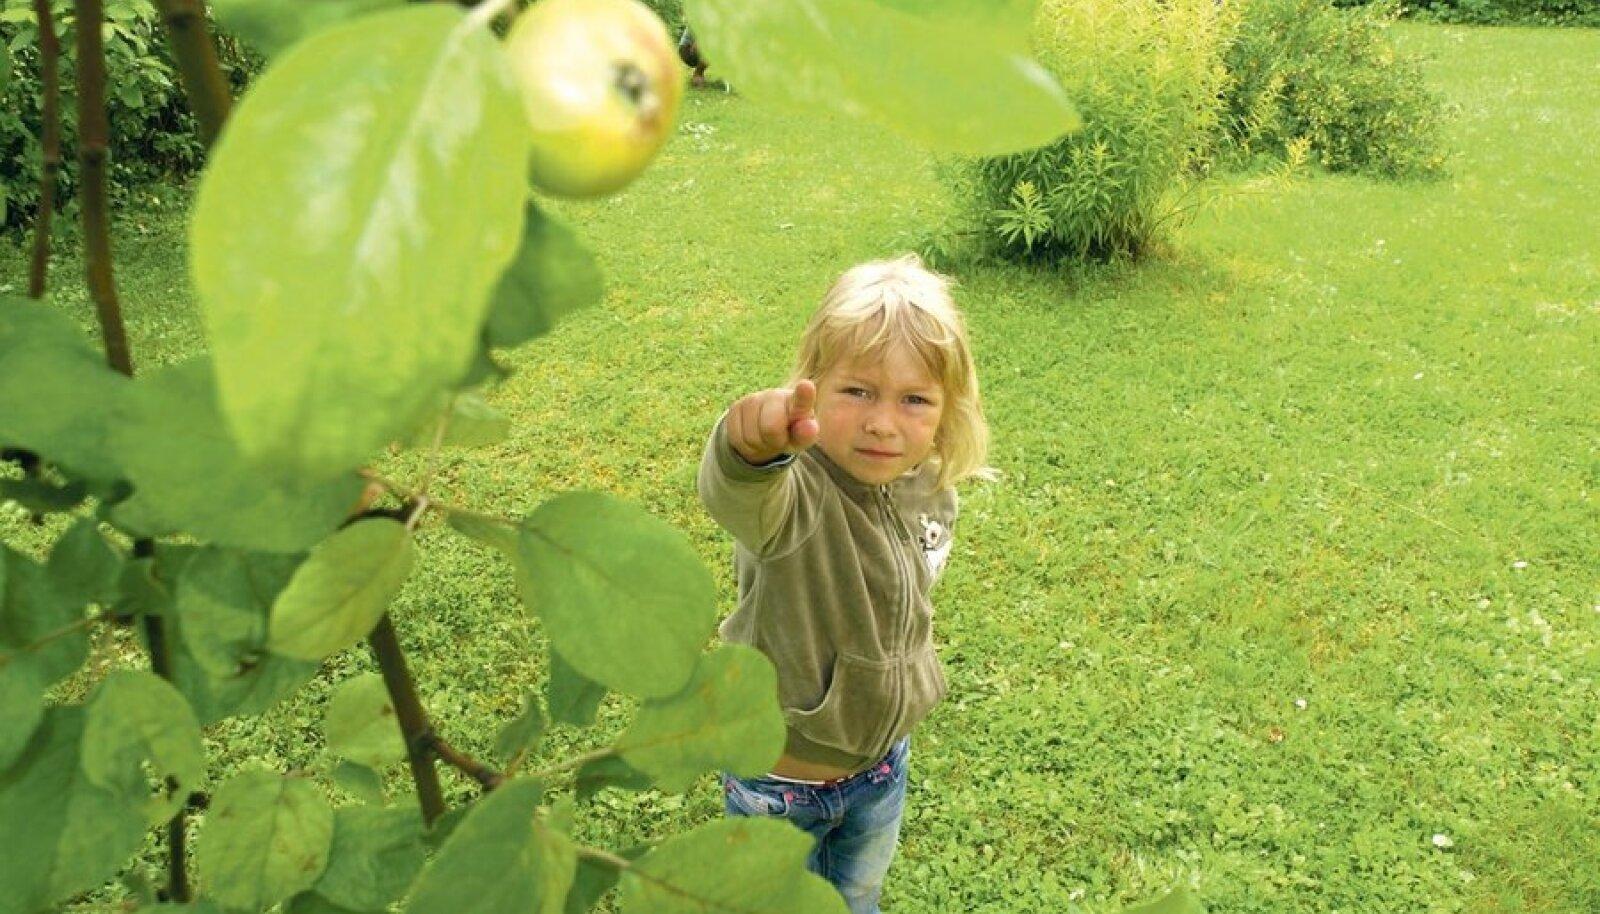 Viiene Lisbeth Pesur võib üle lugeda kõik õunad, mida puul umbes ta enda       vanuse jagu ongi. Tema isa Andrus Pesuri sõnul nende Märjamaa kodu aias tänavu suuremat õunakorjamist ei tule.